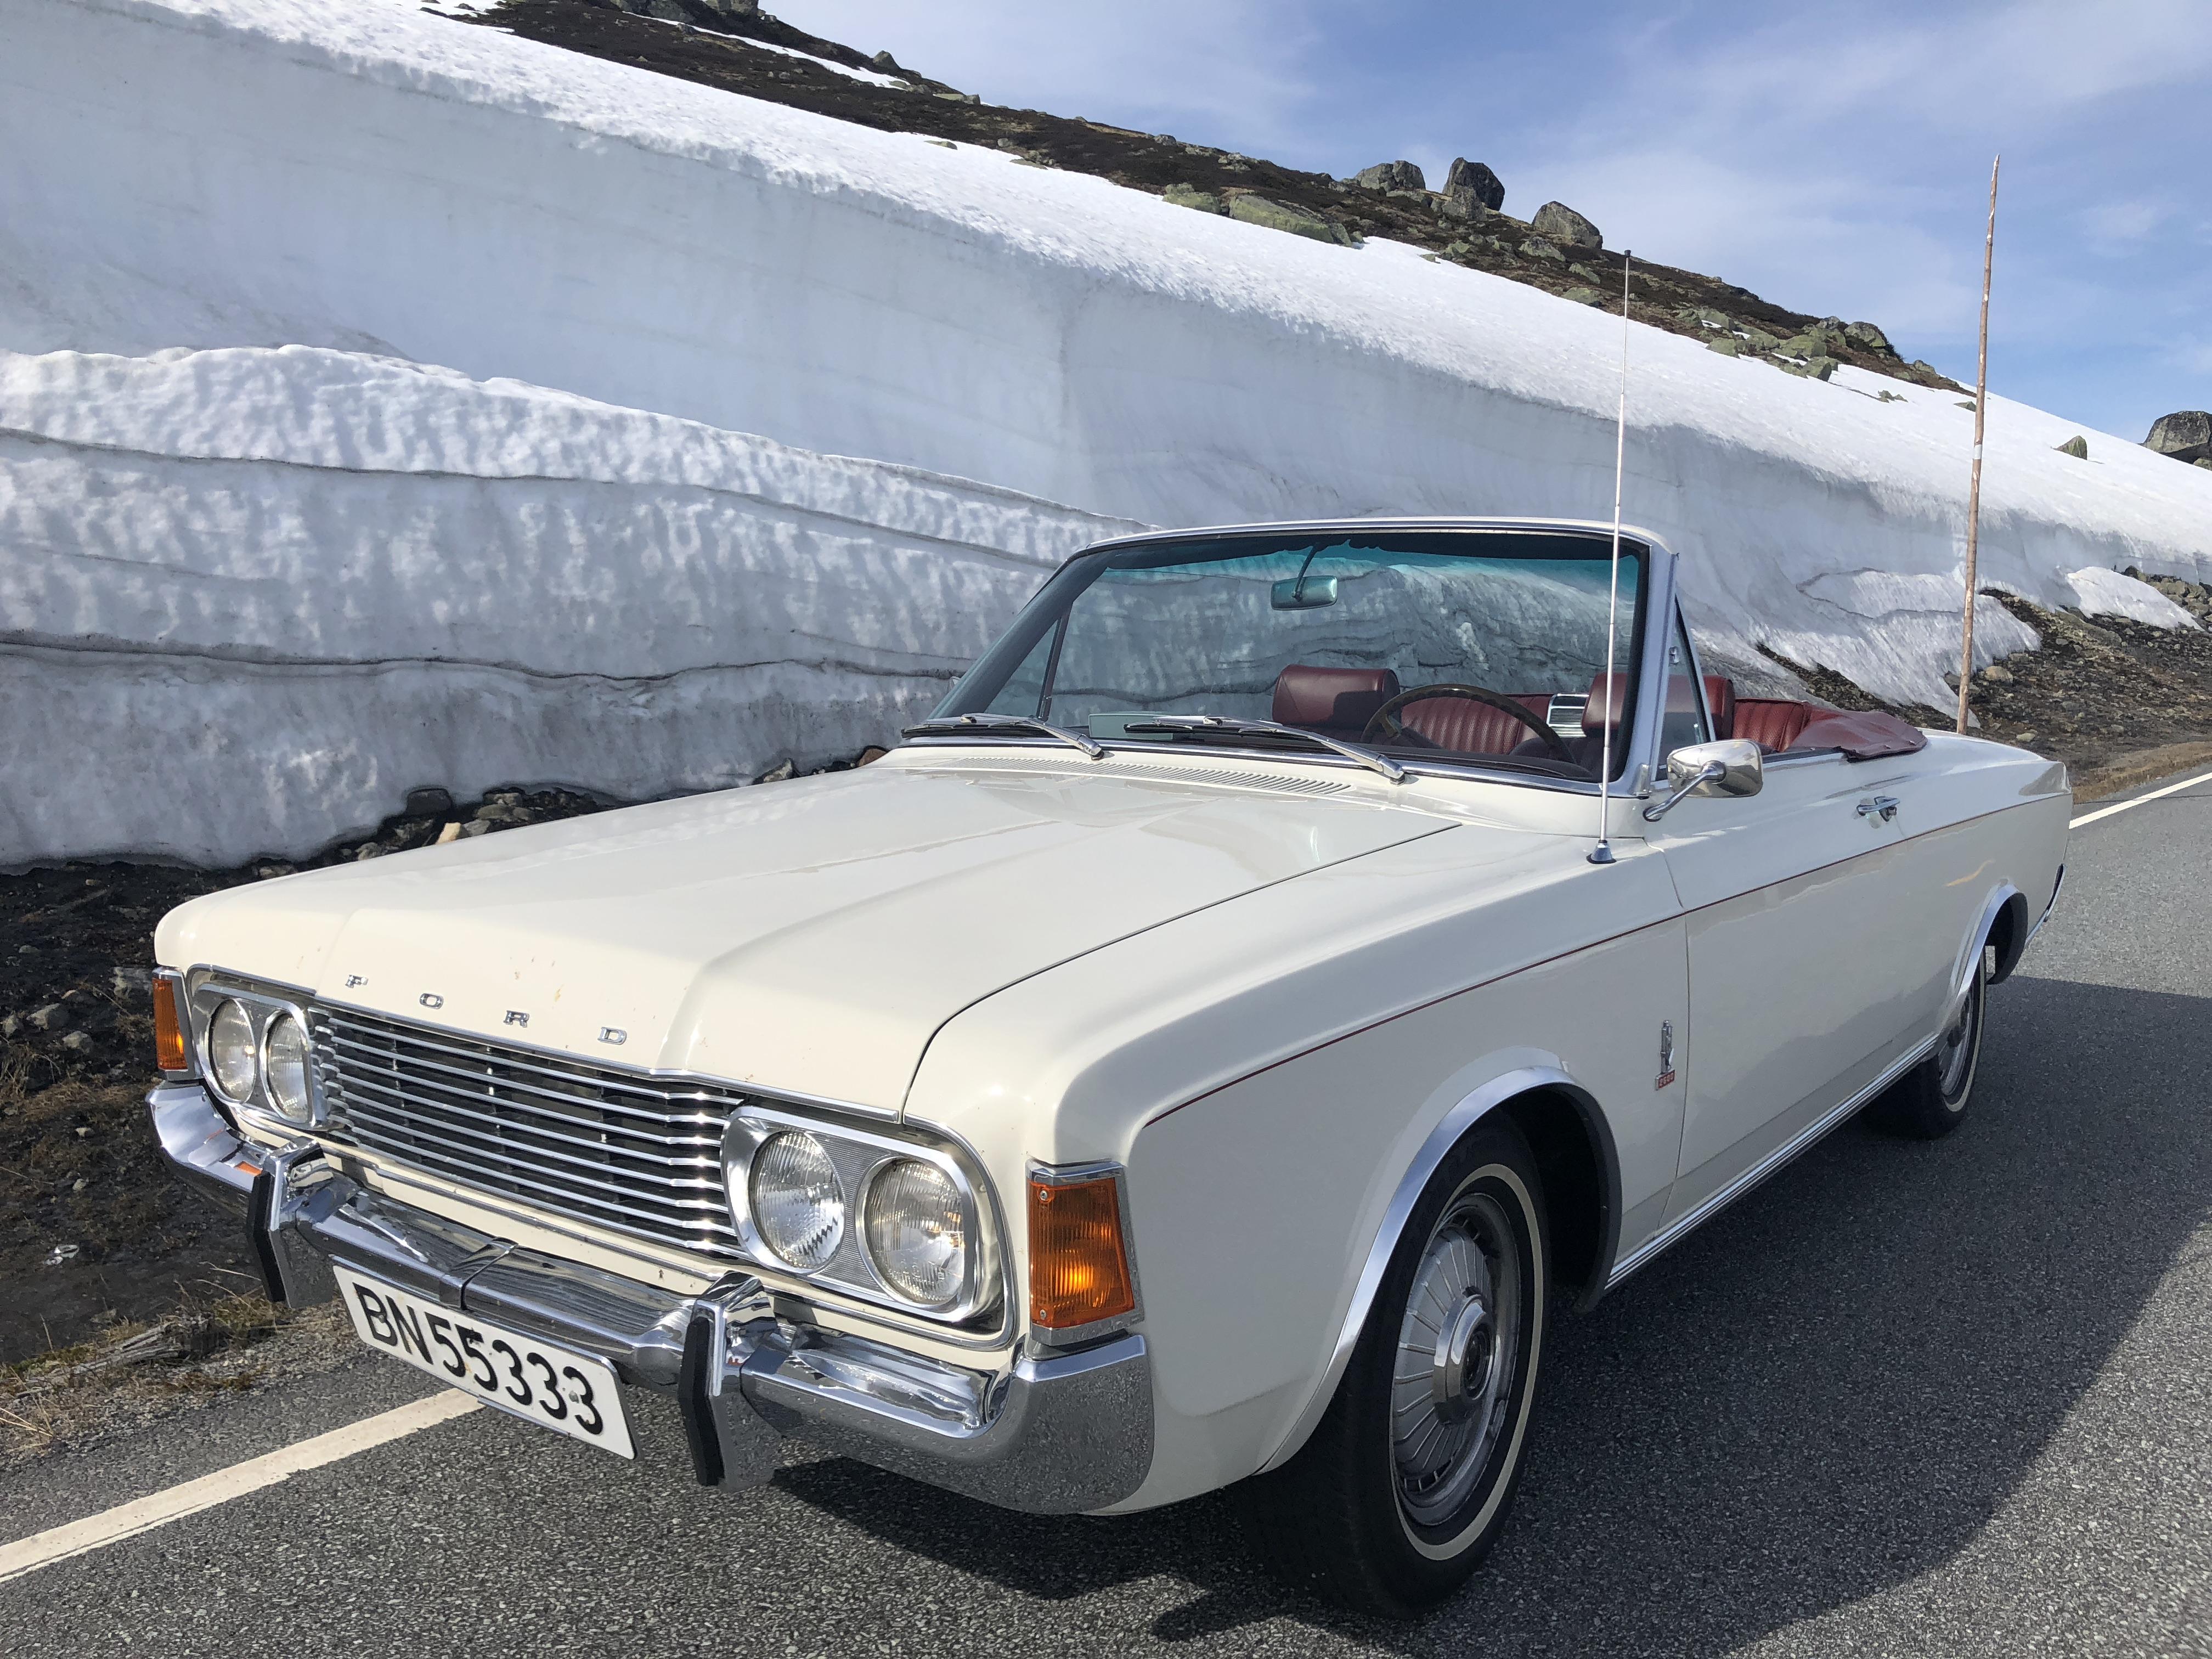 Dette er Indrehus sin favorittbil i samlingen med Ford M. en 1971 modell 26M kabriolet som det kun ble laget fire eksemplarer av.